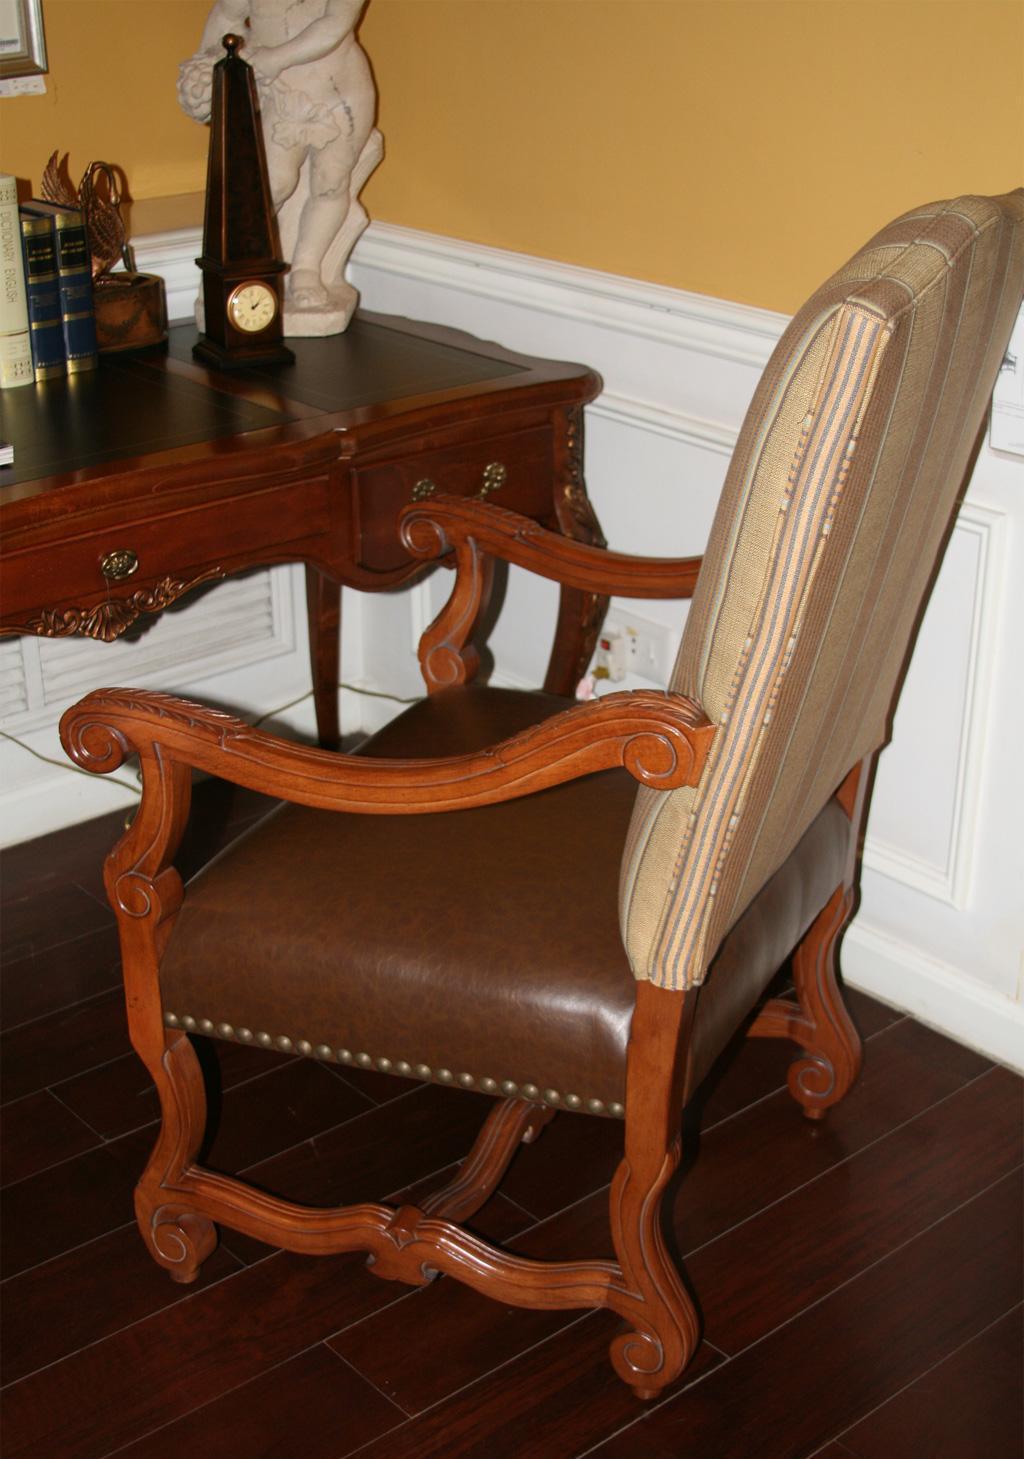 美克美家皮艺装饰椅MK7908-3NH 4A441 M1MK7908-3NH 4A441 M1